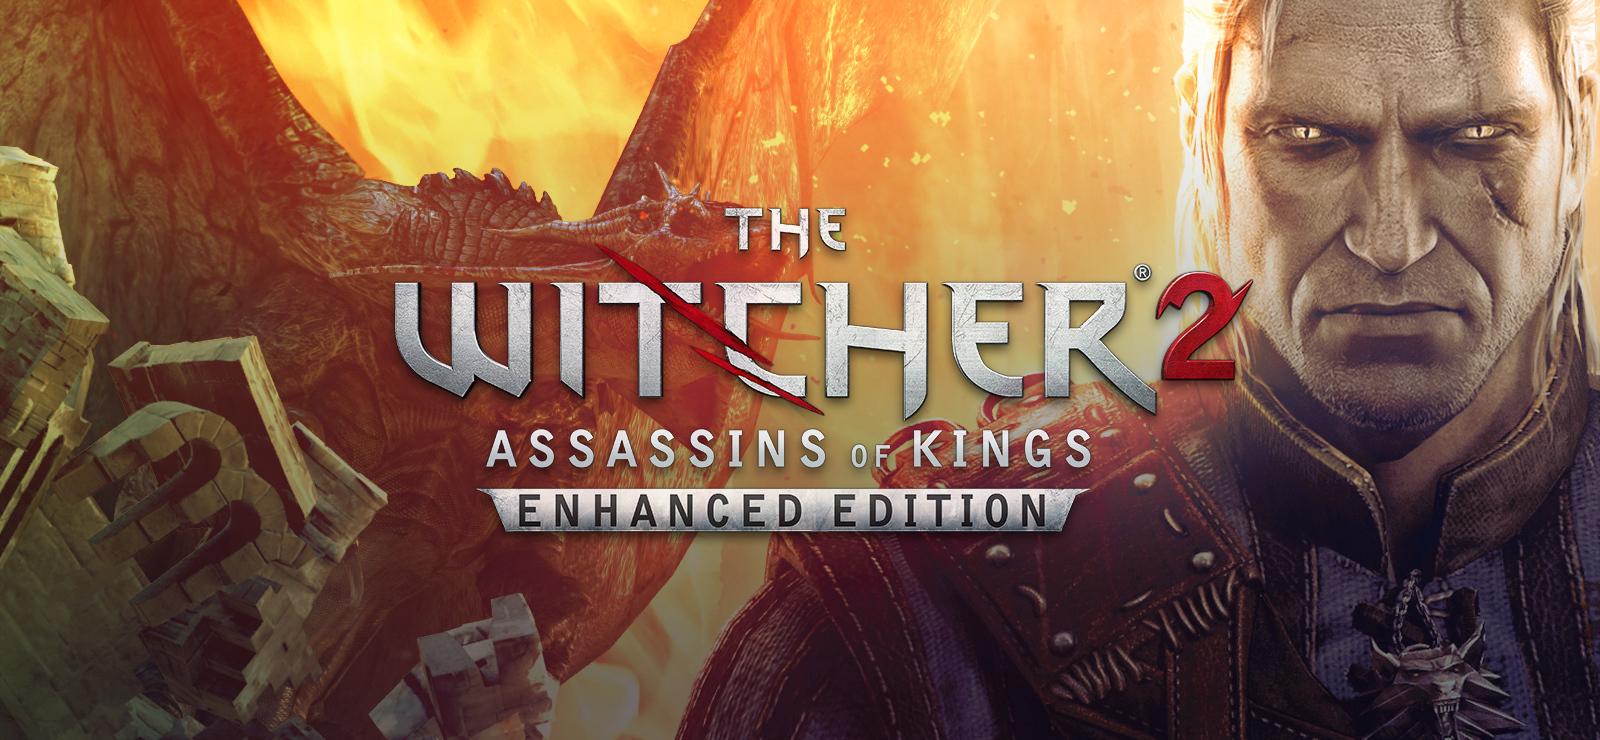 Consigue The Witcher Trilogy A Un 69% De Descuento